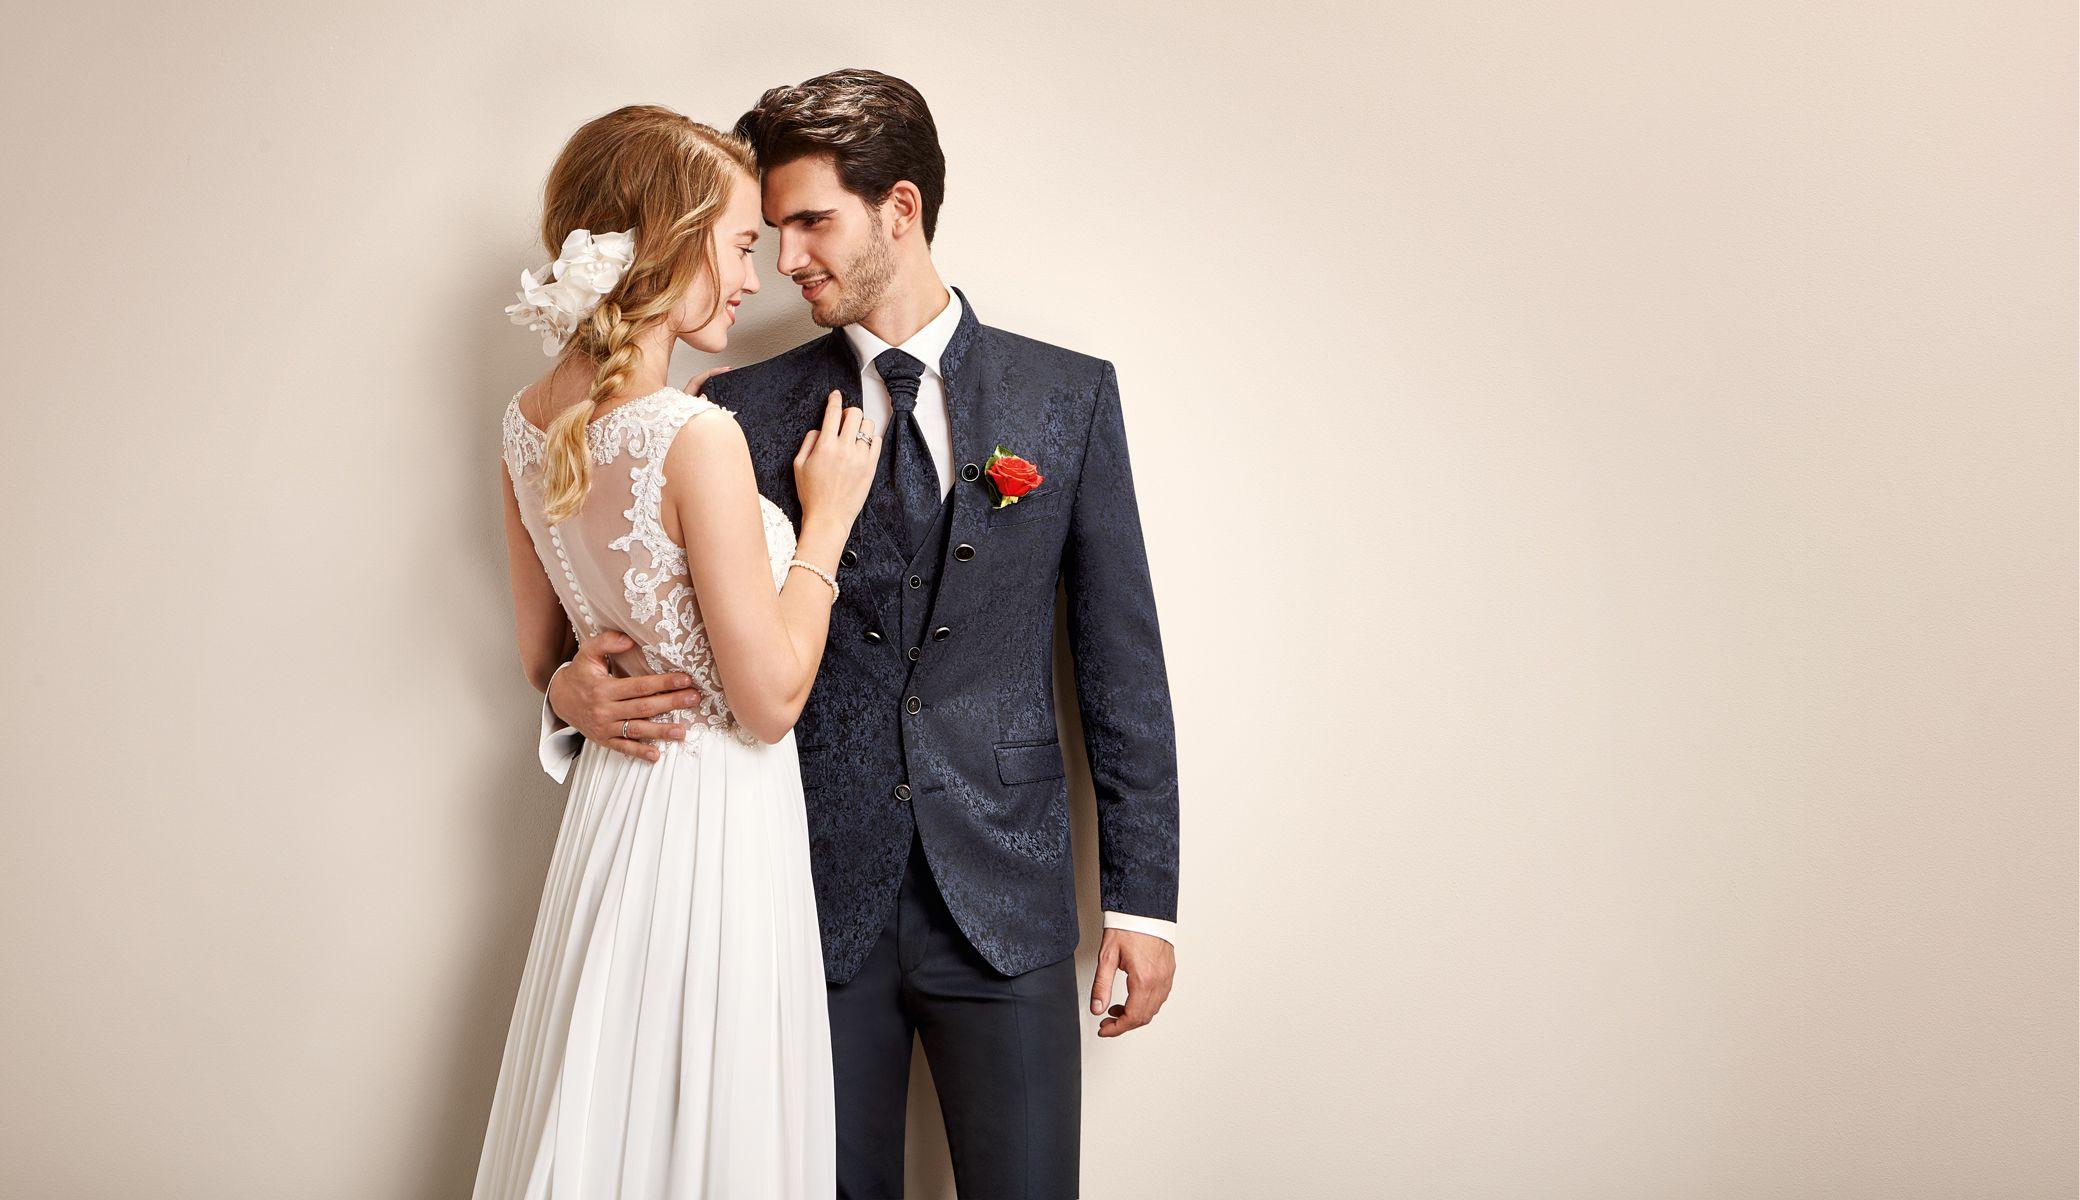 Hochzeitsanzug von Tziacco in der weddix Brutigam Mode